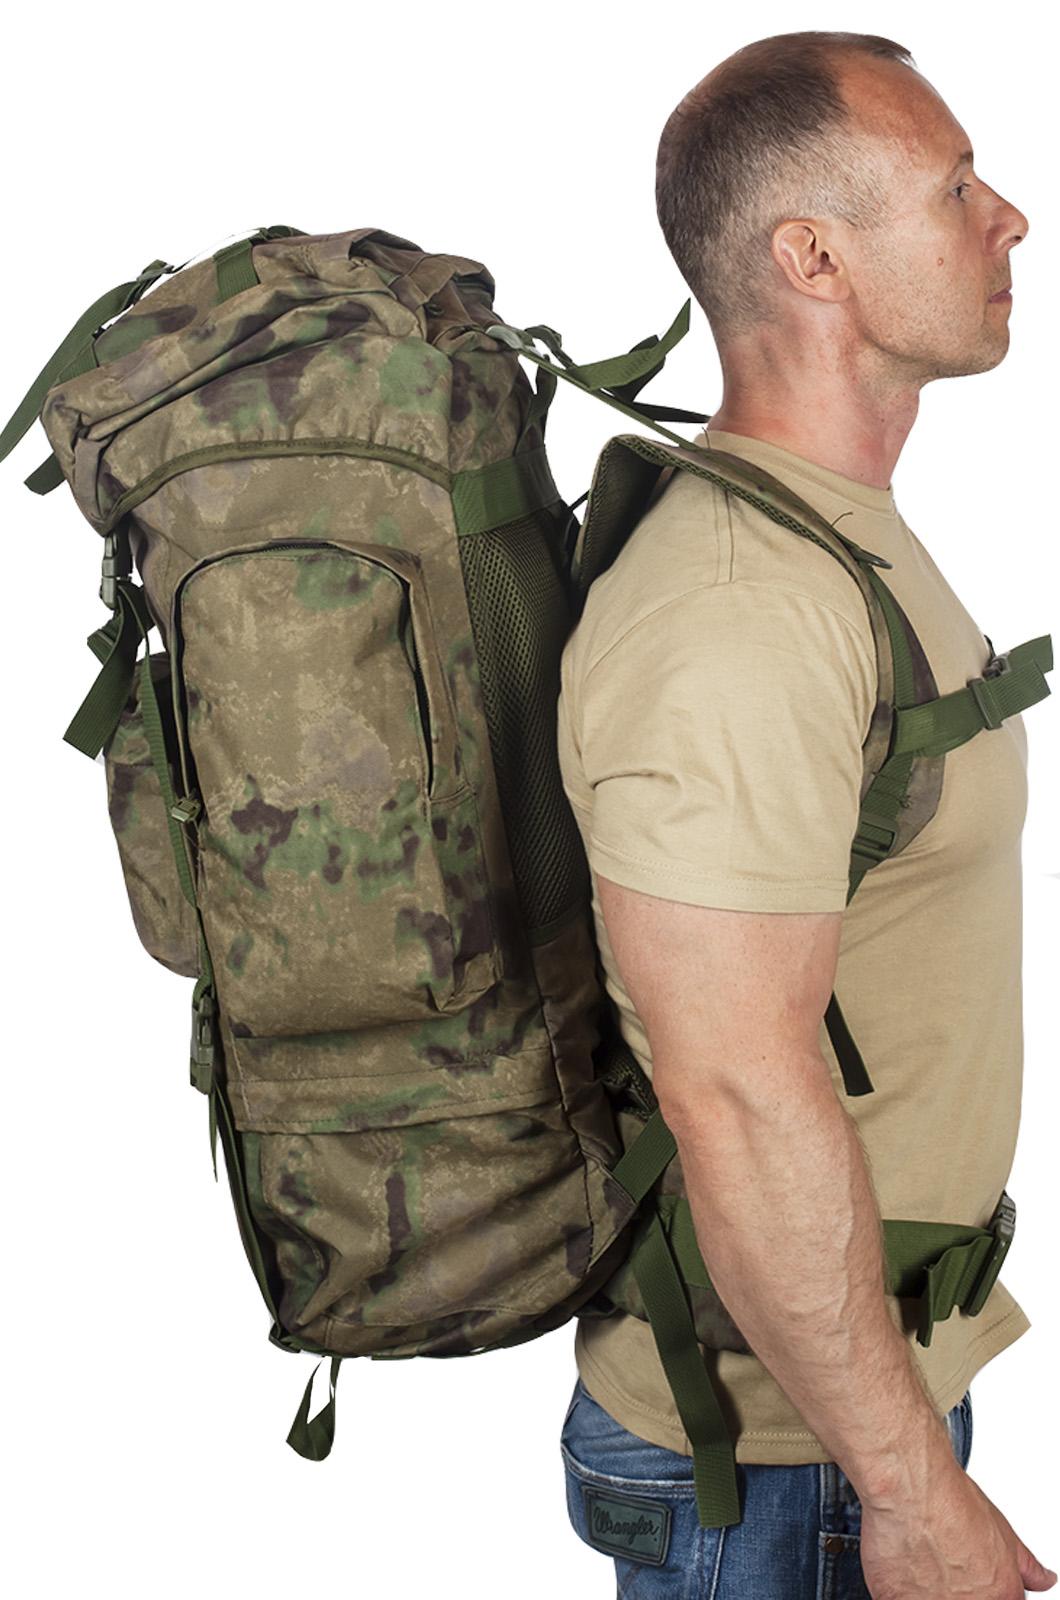 Тактический камуфляжный ранец-рюкзак УГРО - купить оптом